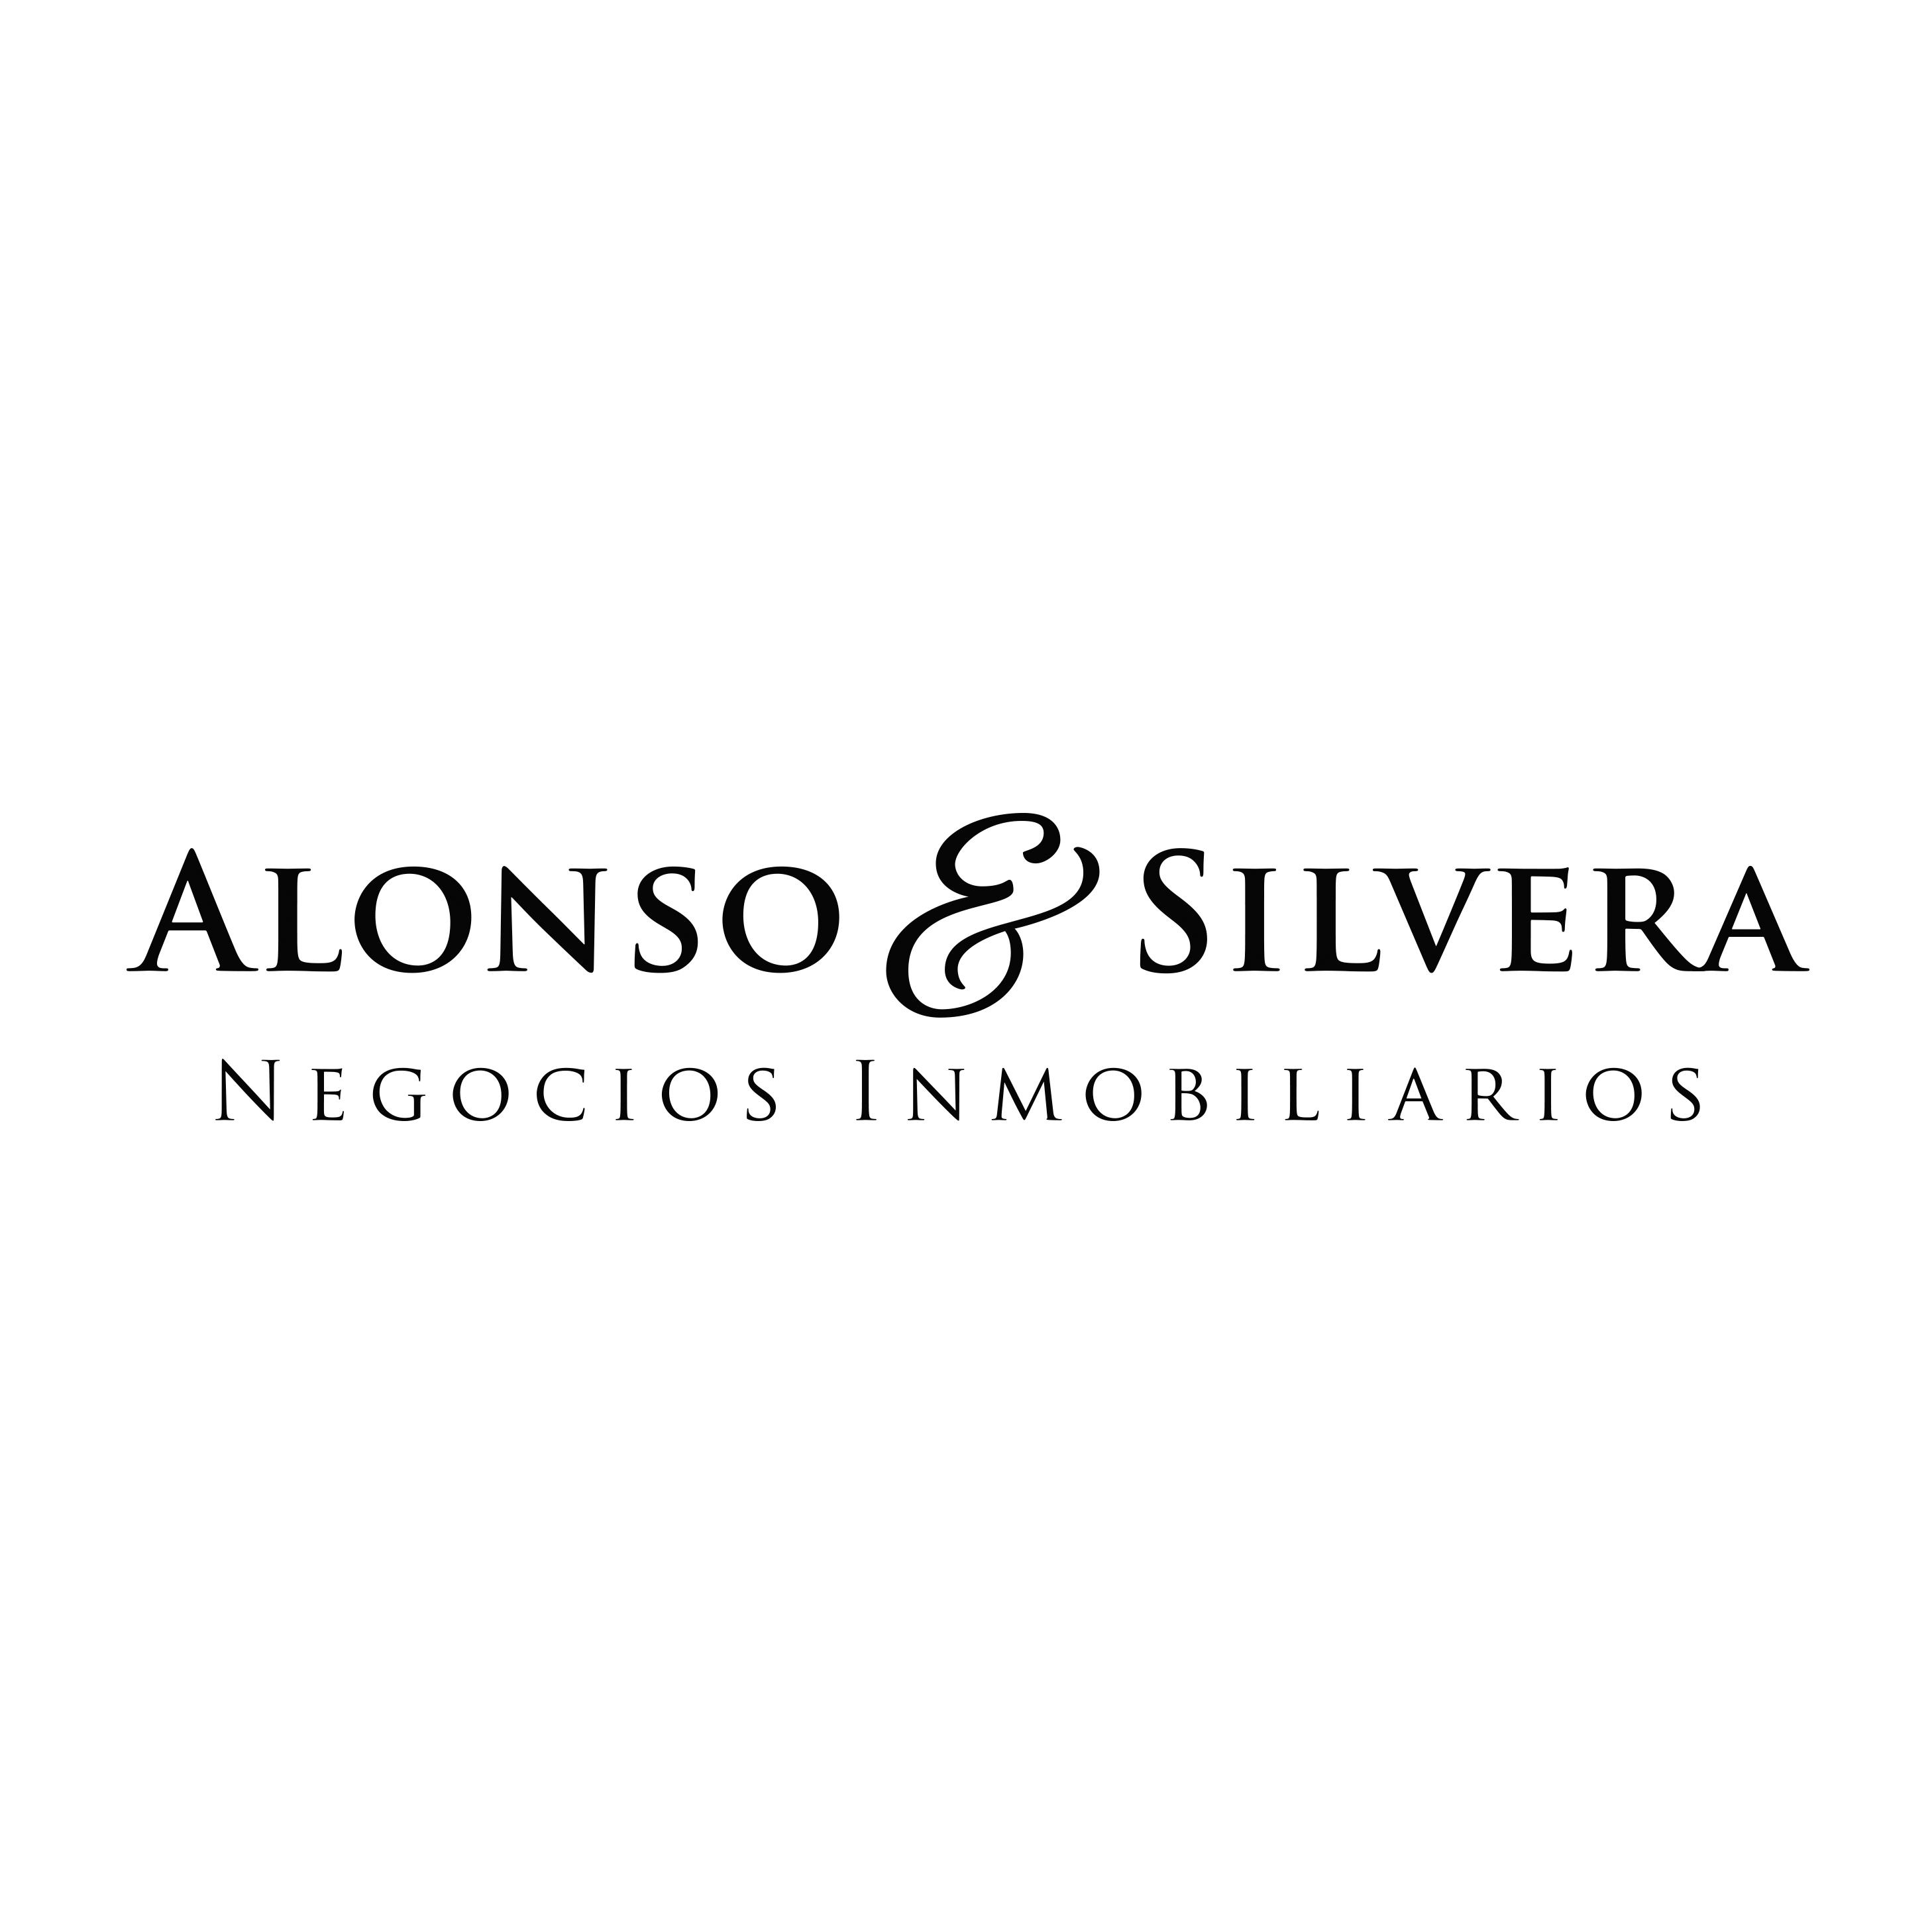 ALONSO&SILVERA